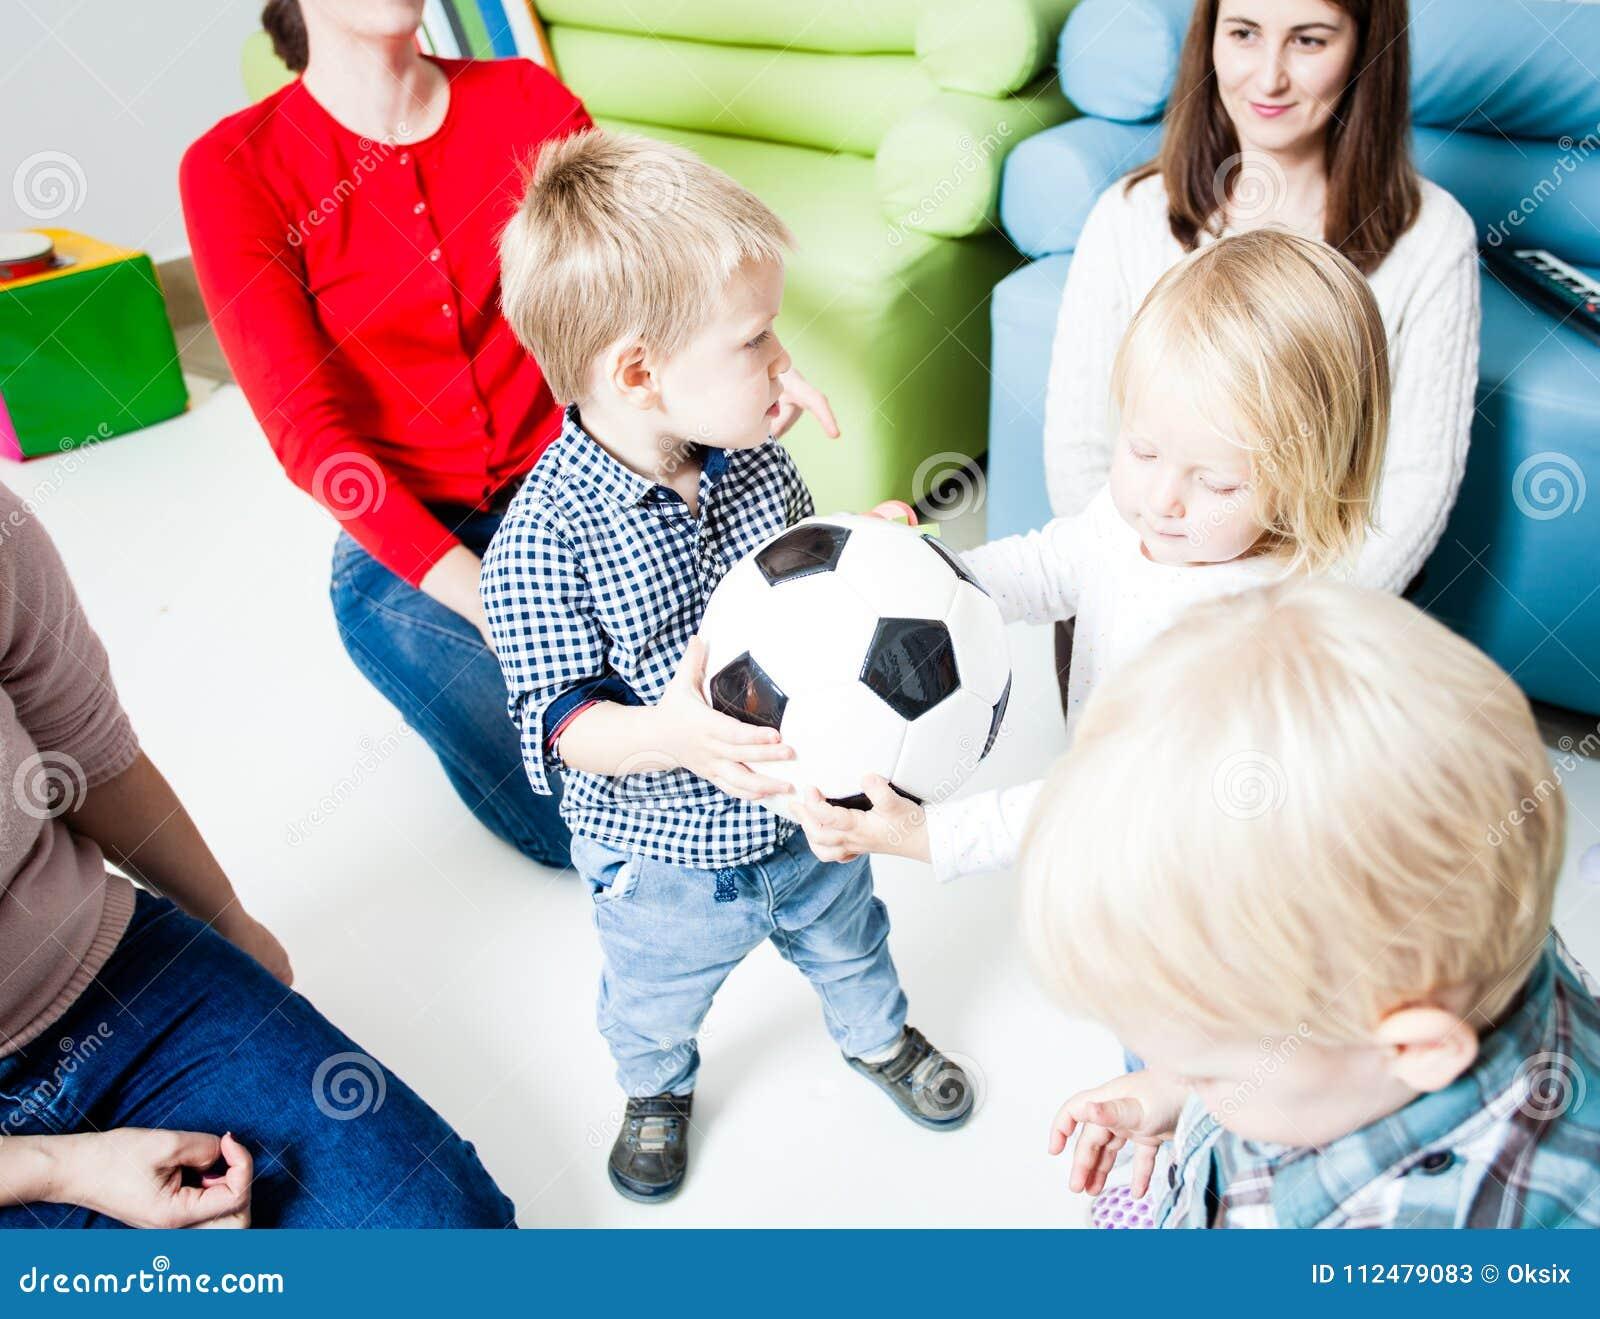 De kinderen rekken zich aan de bal uit